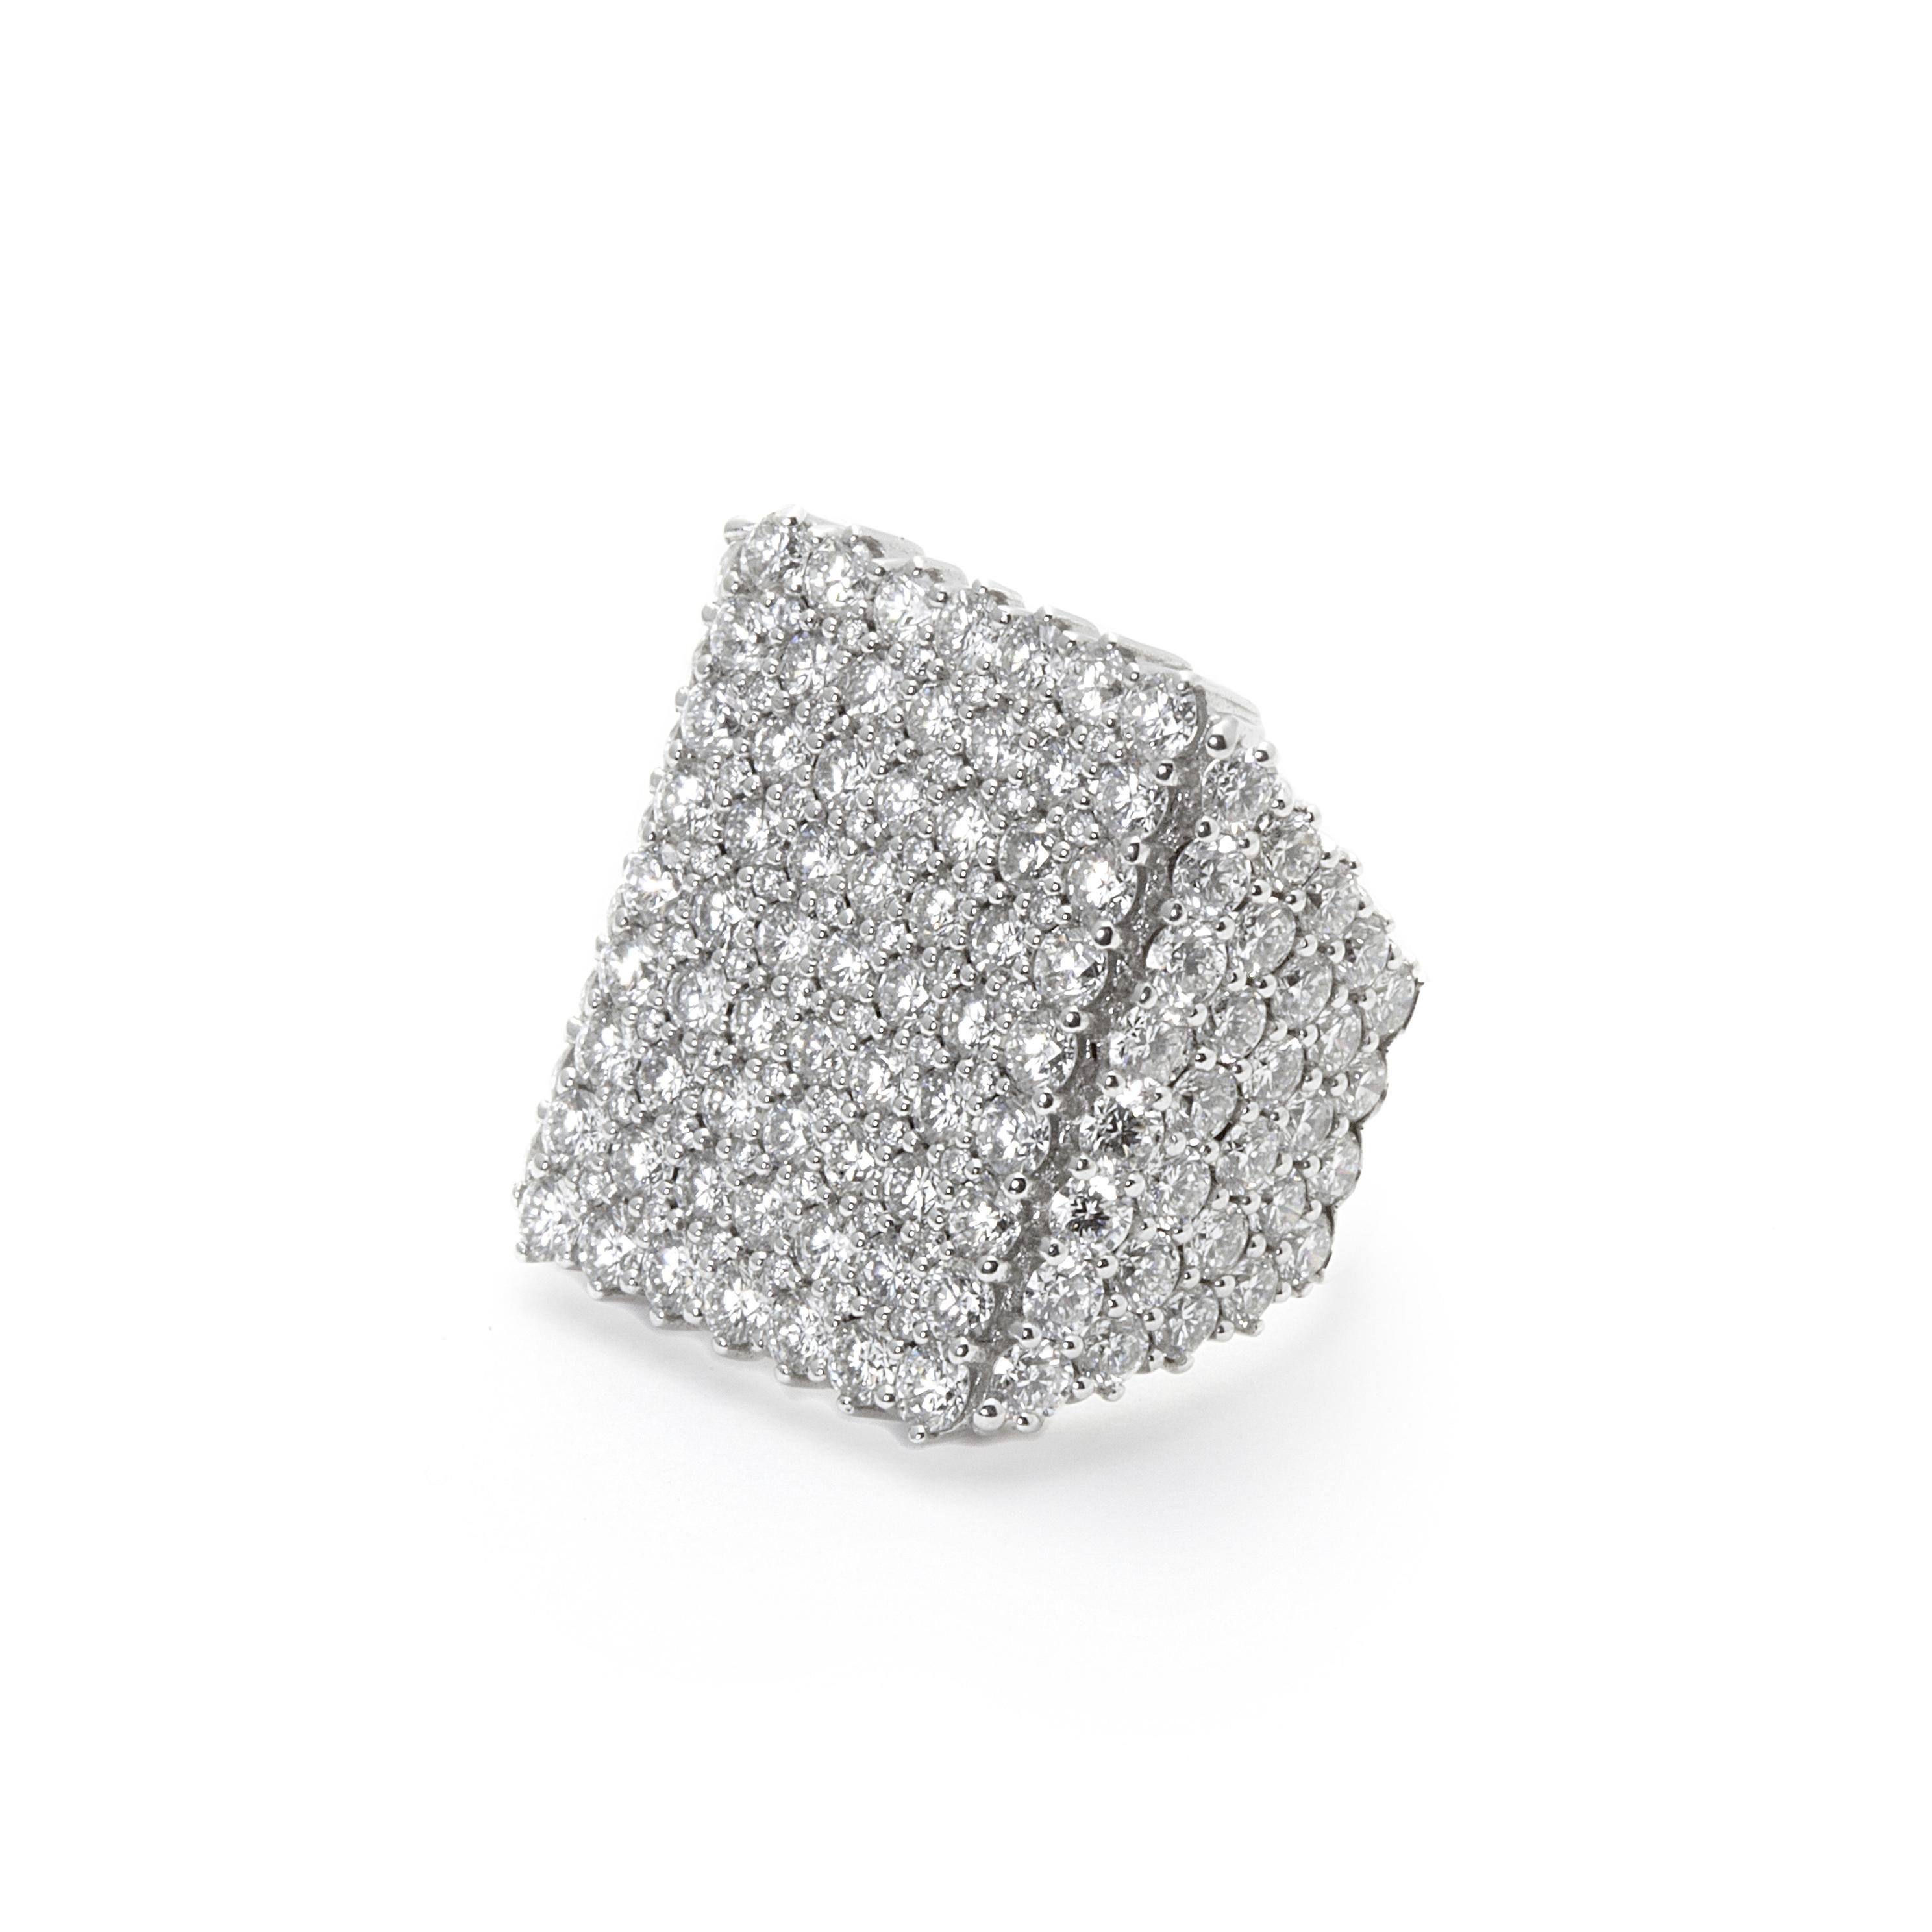 8 Anillo sello oro blanco y diamantes